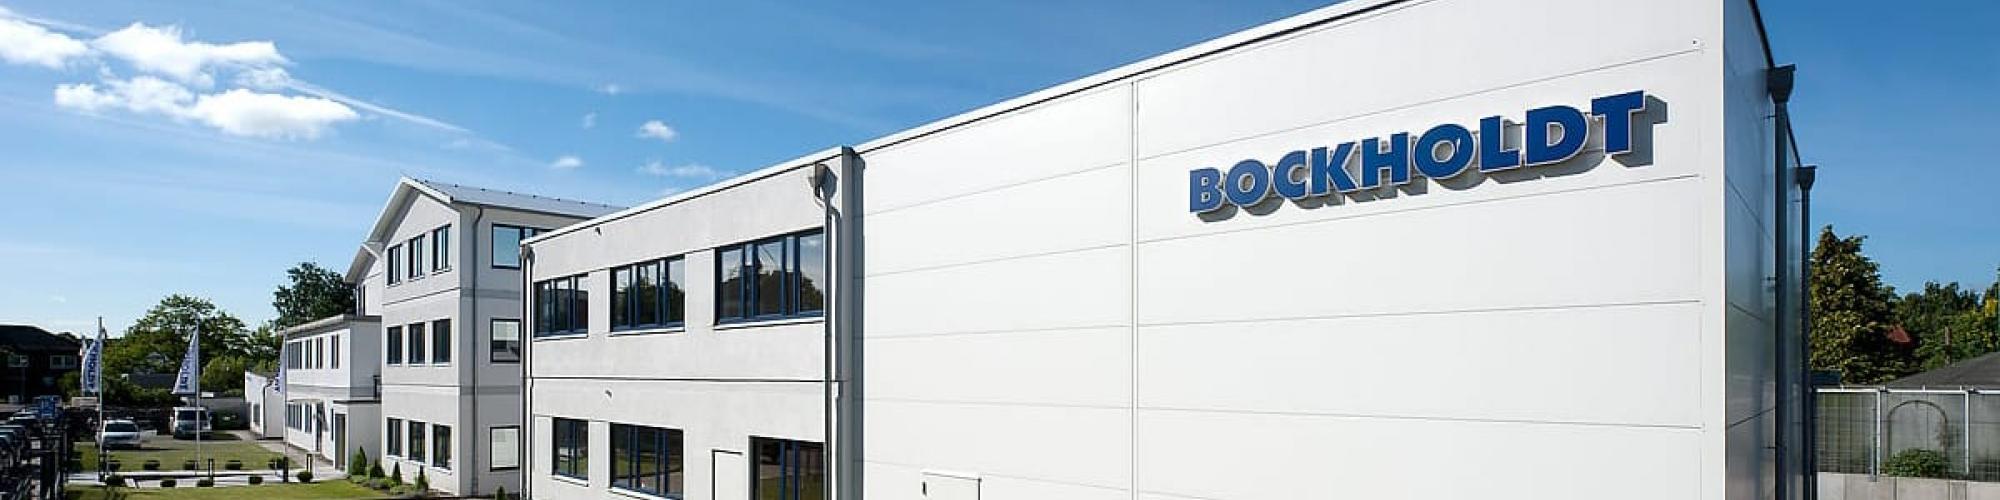 Bockholdt GmbH & Co. KG